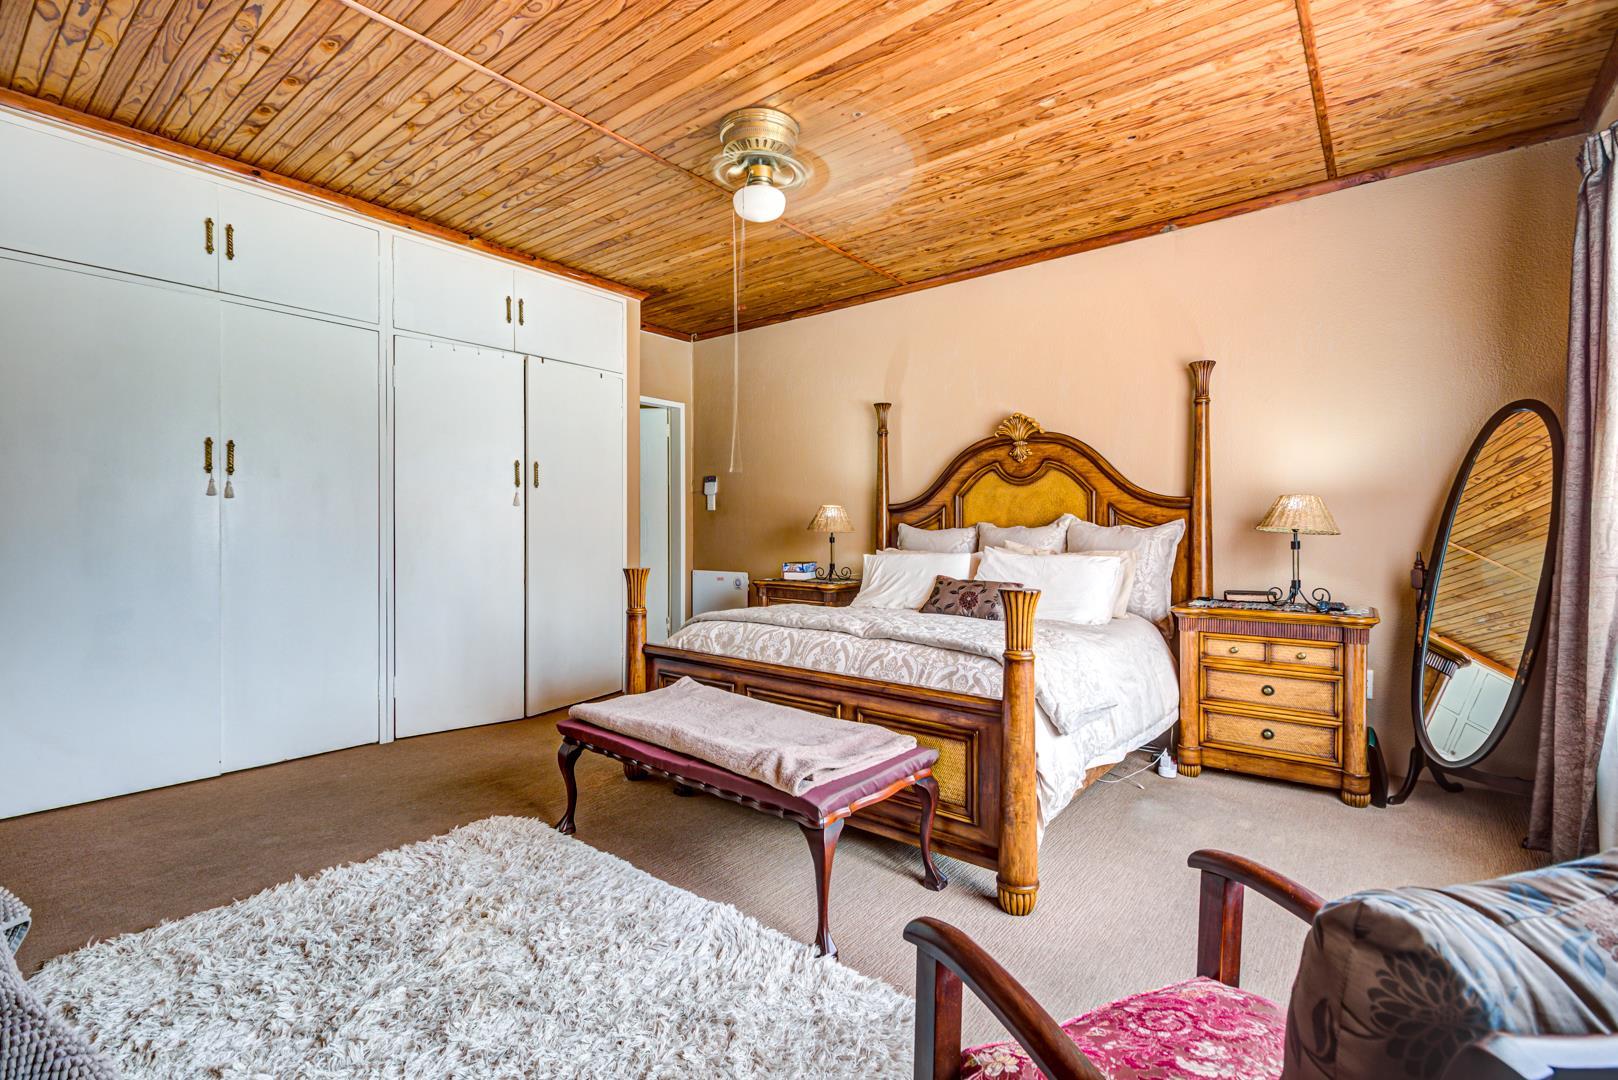 4 Bedroom House For Sale in Pomona